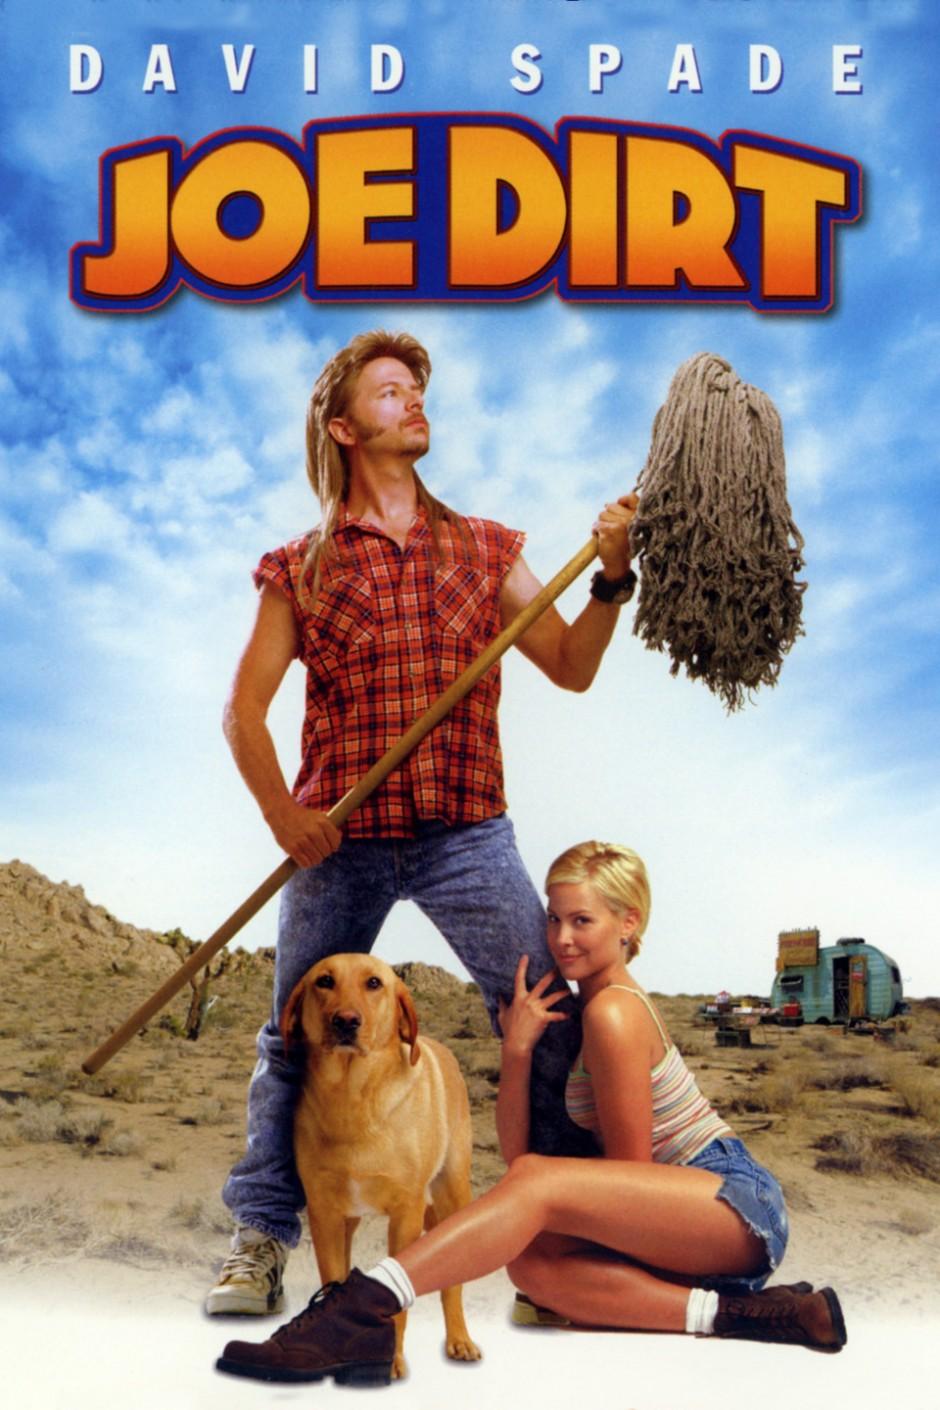 Joe-el-sucio-2001-DVDRip-peliculasmas.jpg